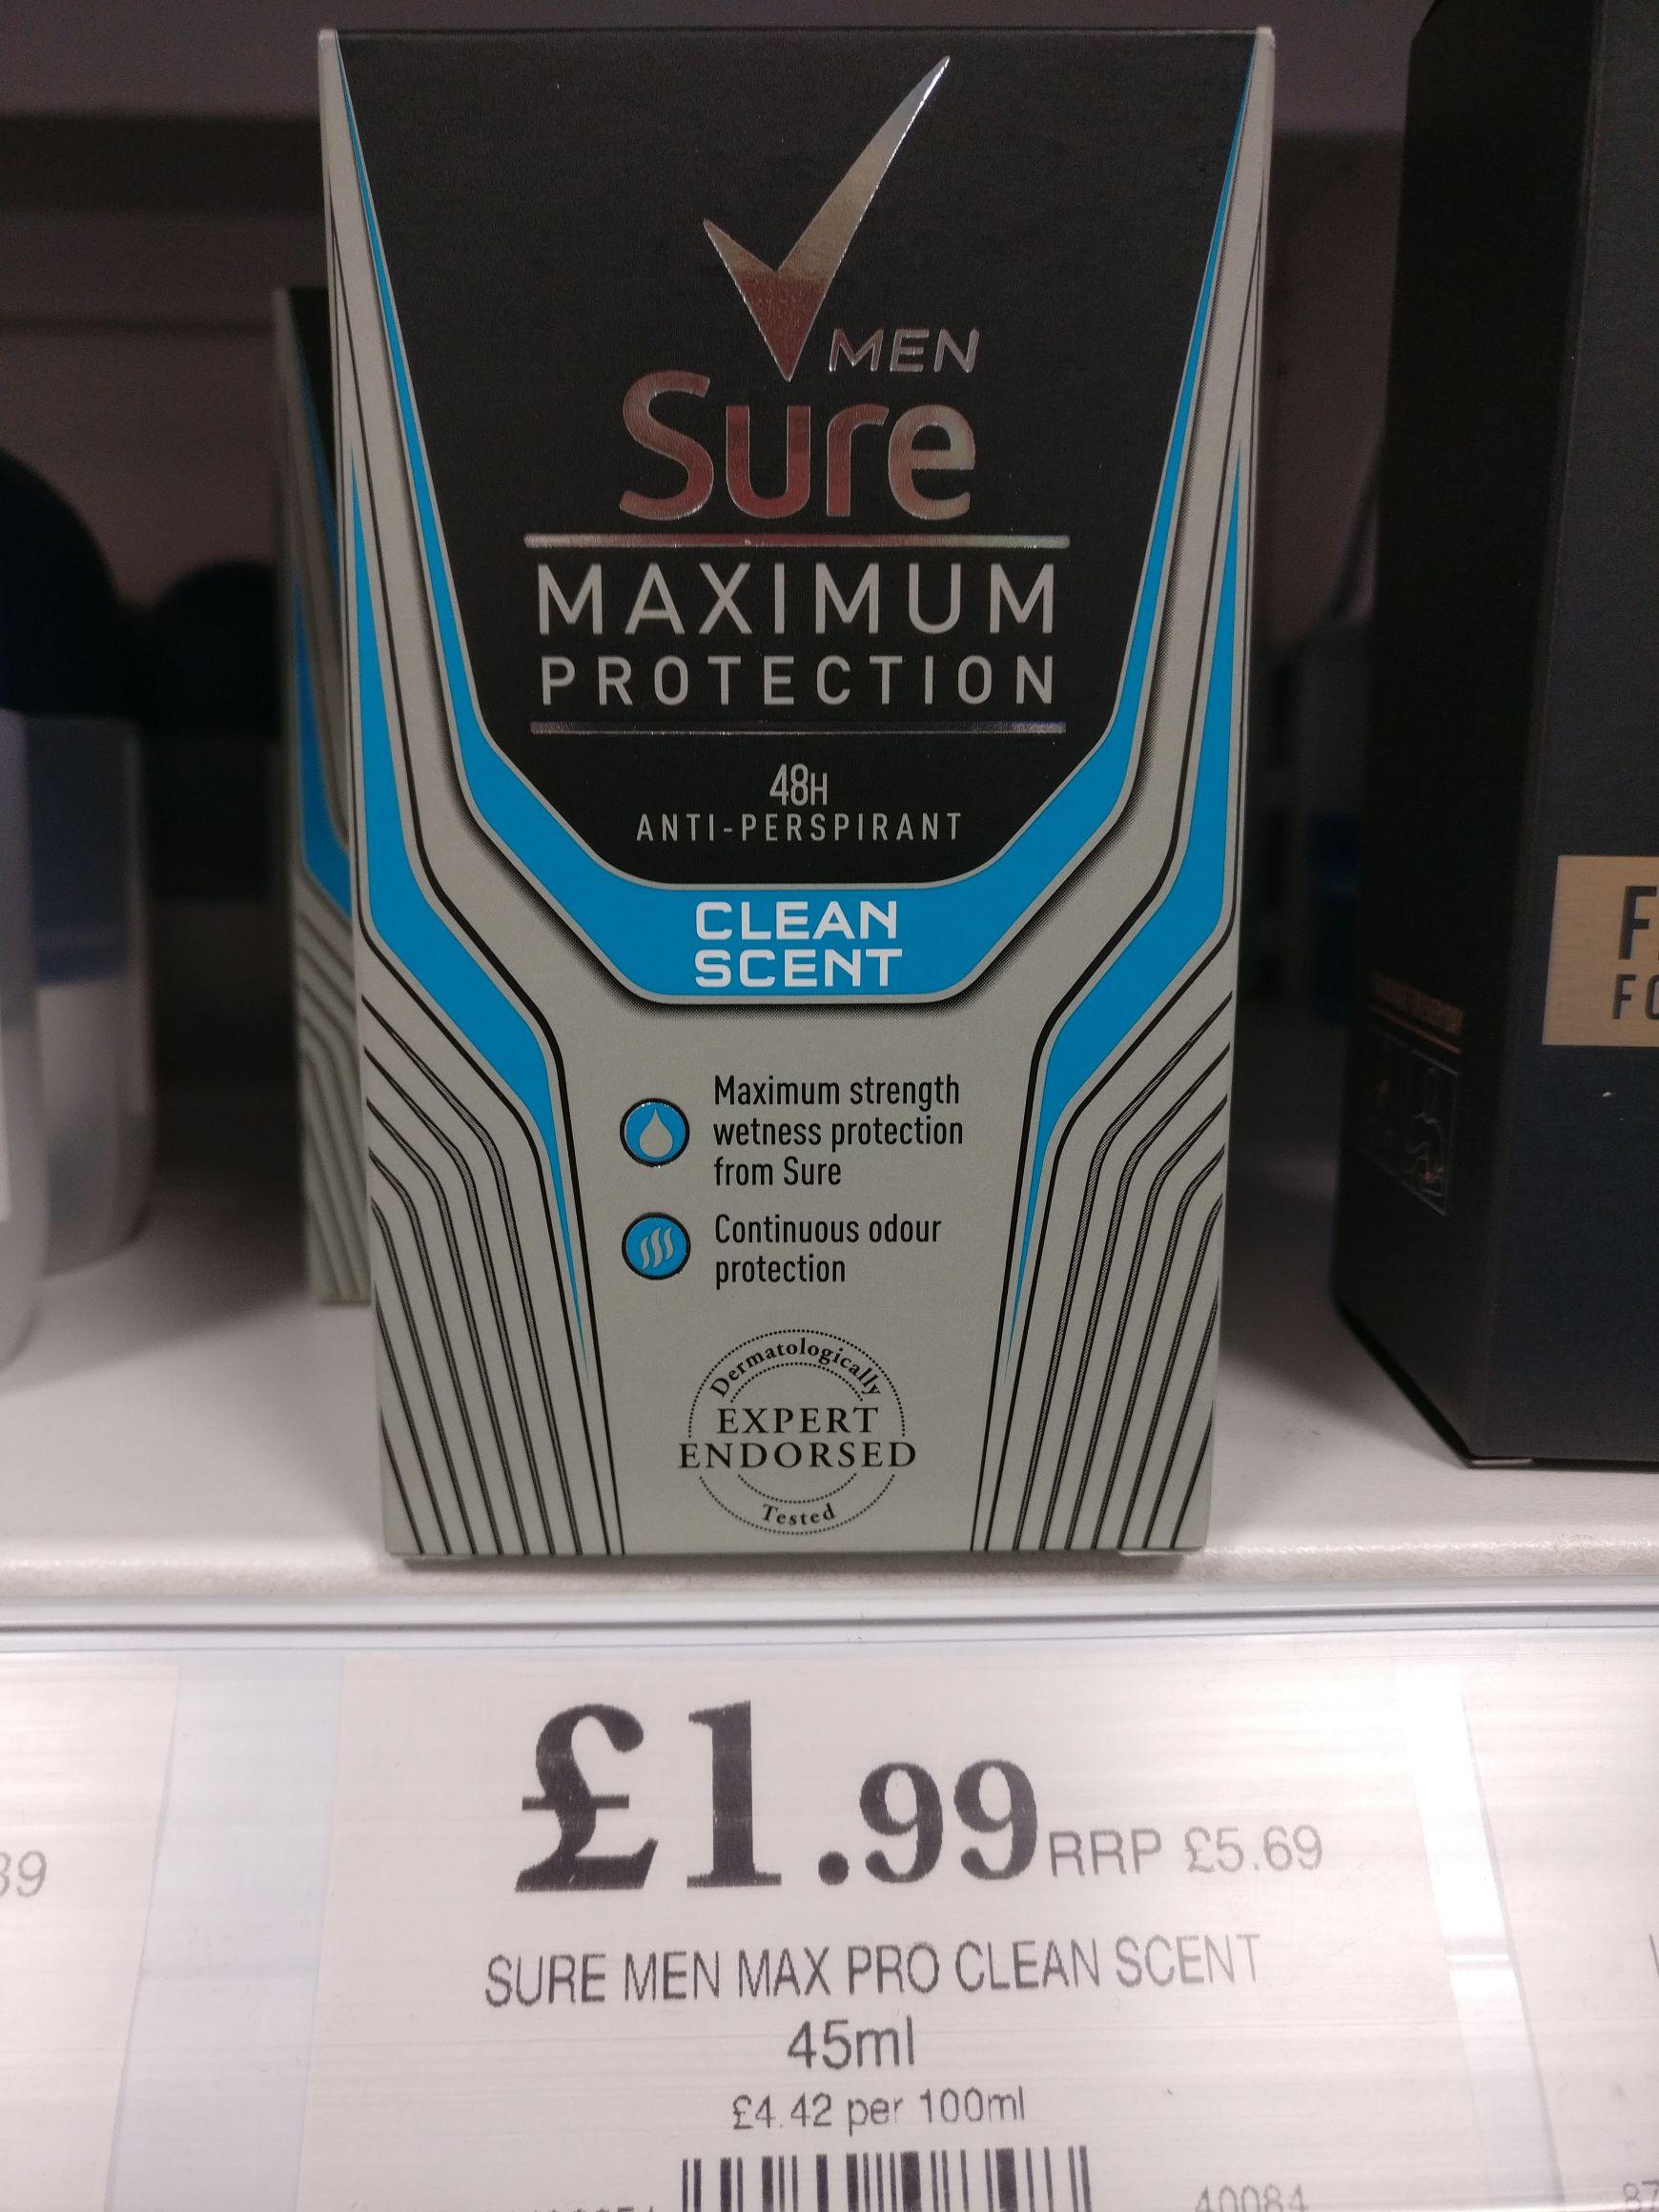 Deodorant discount offer